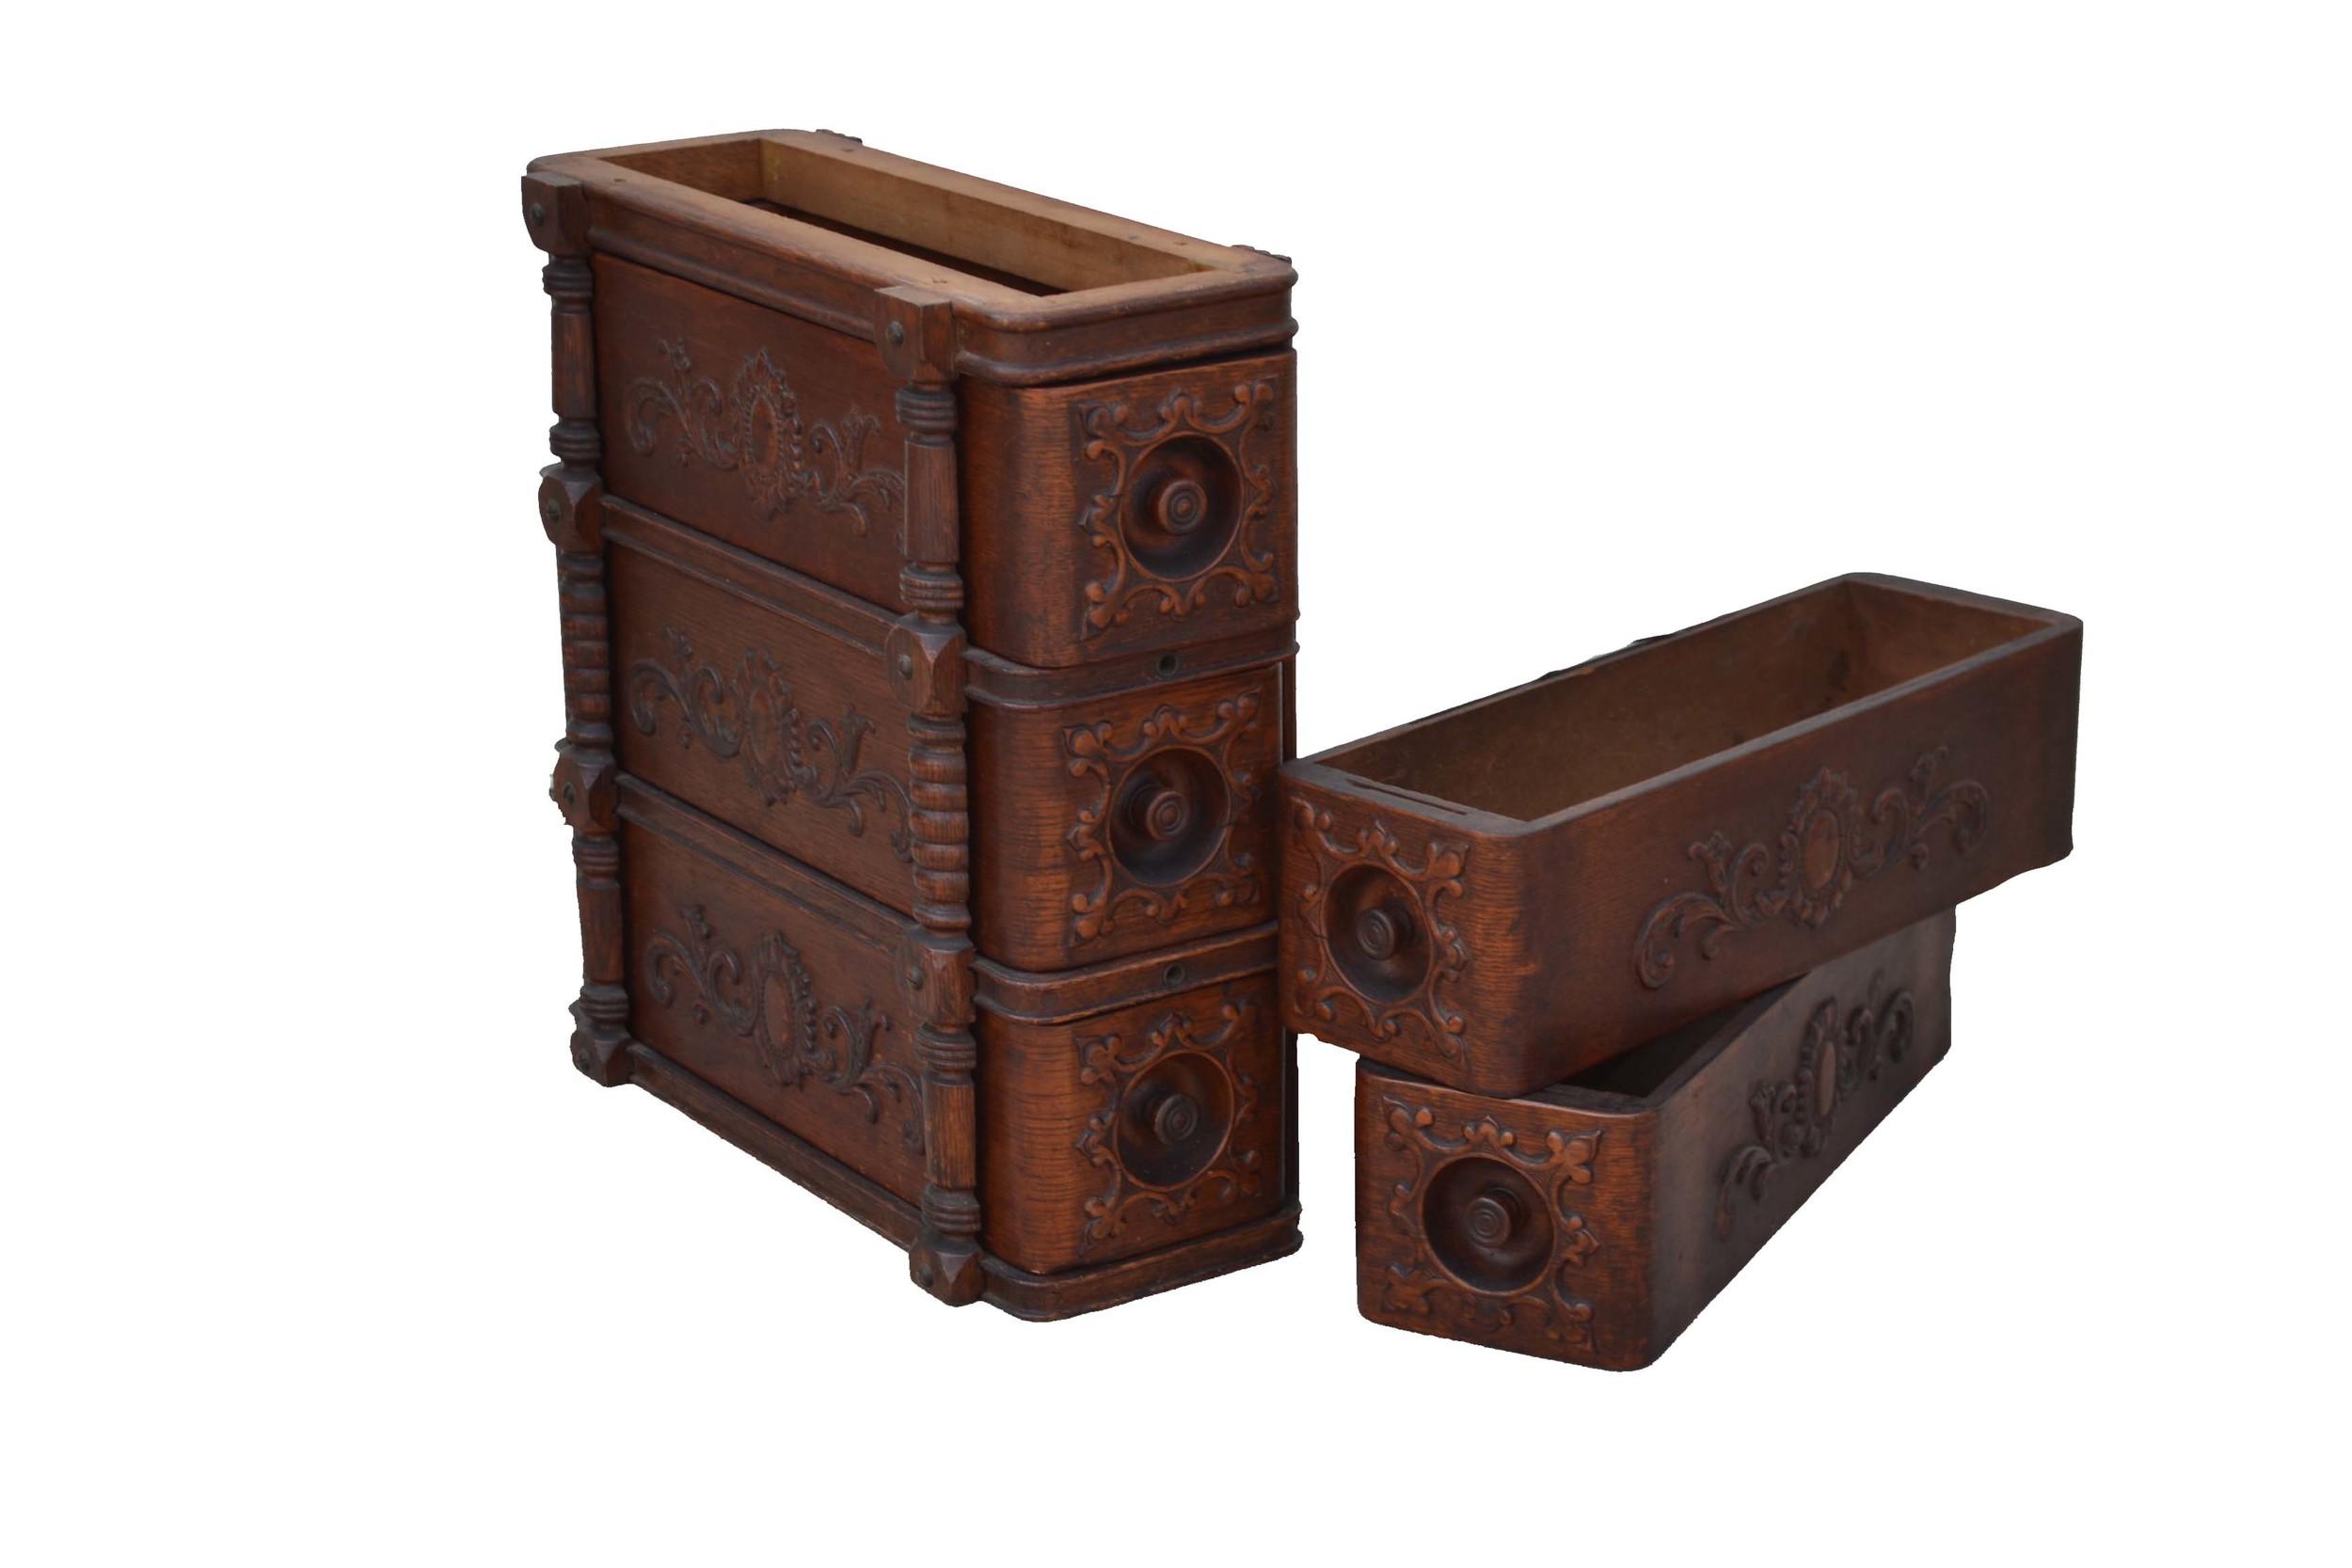 sewingboxes.jpg